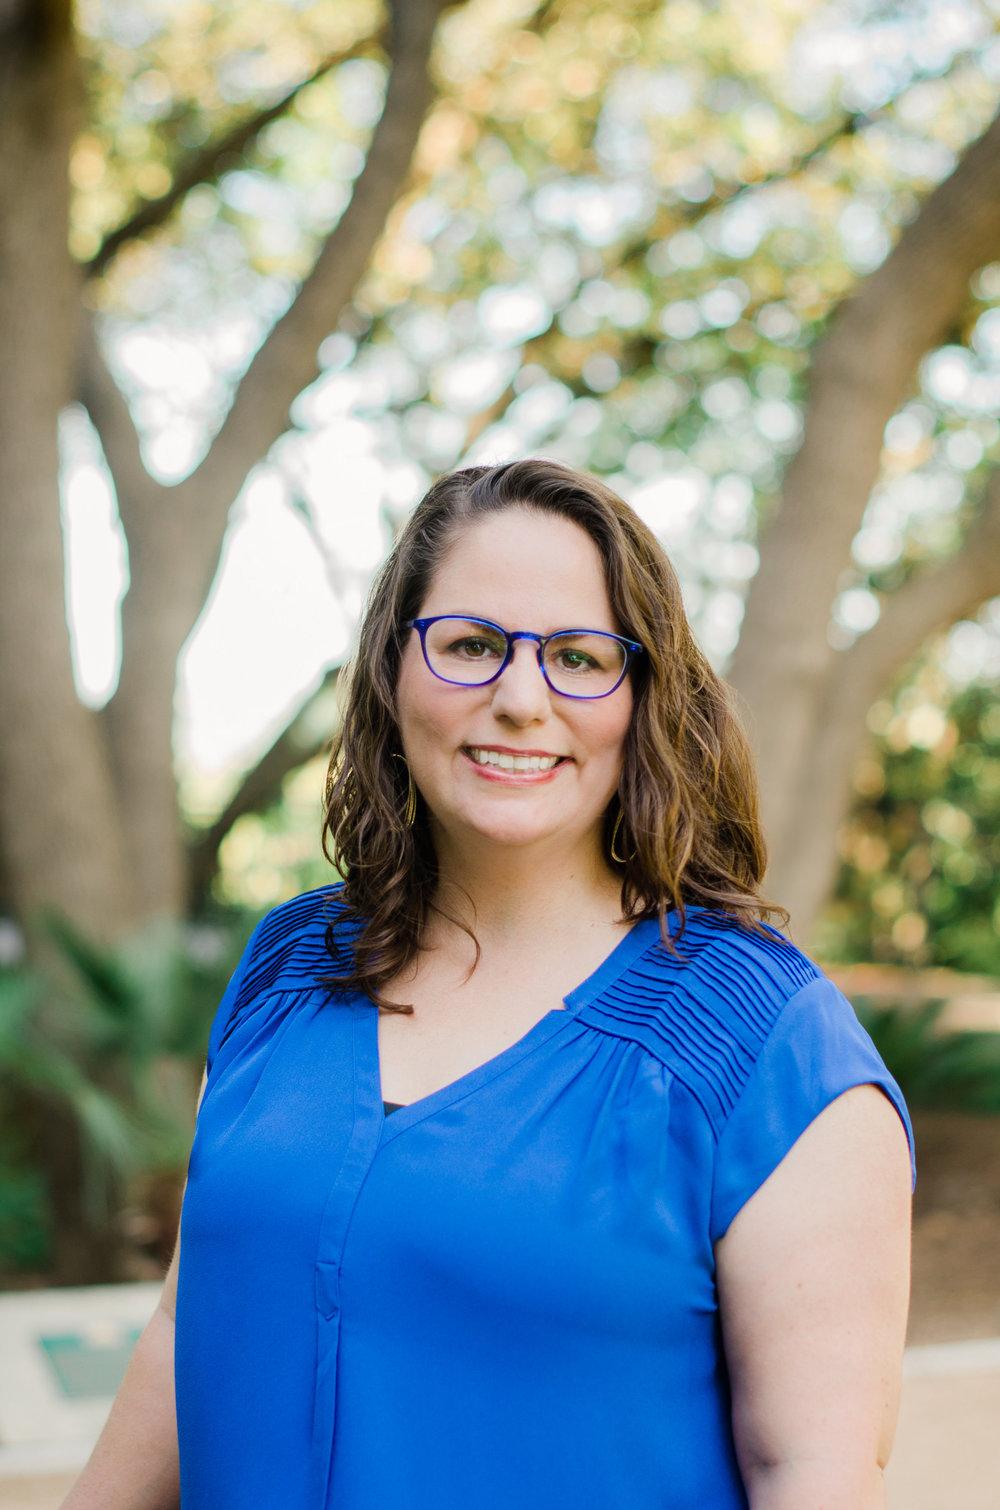 Vanessa Vance, Founder of Parent Heroes